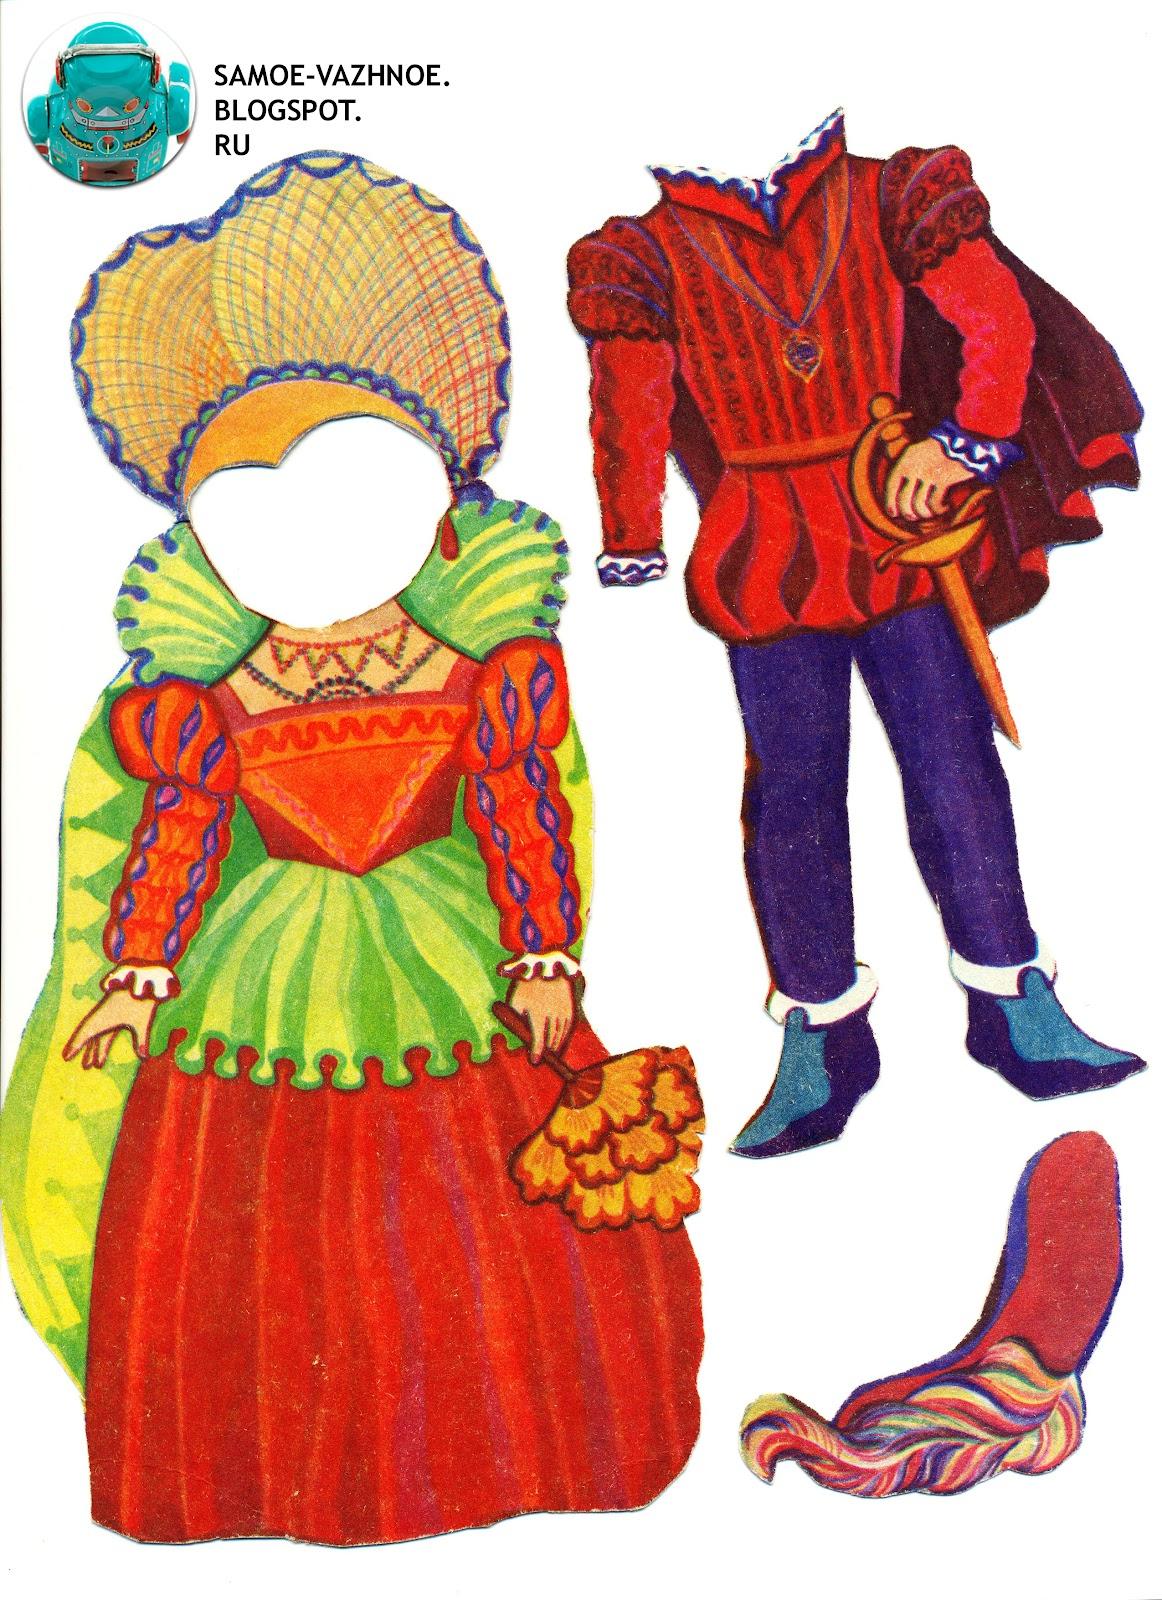 Сайт со старыми бумажными куклами. Бумажные куклы История моды художник В. С. Першина, издательство Радуга СССР, советские.